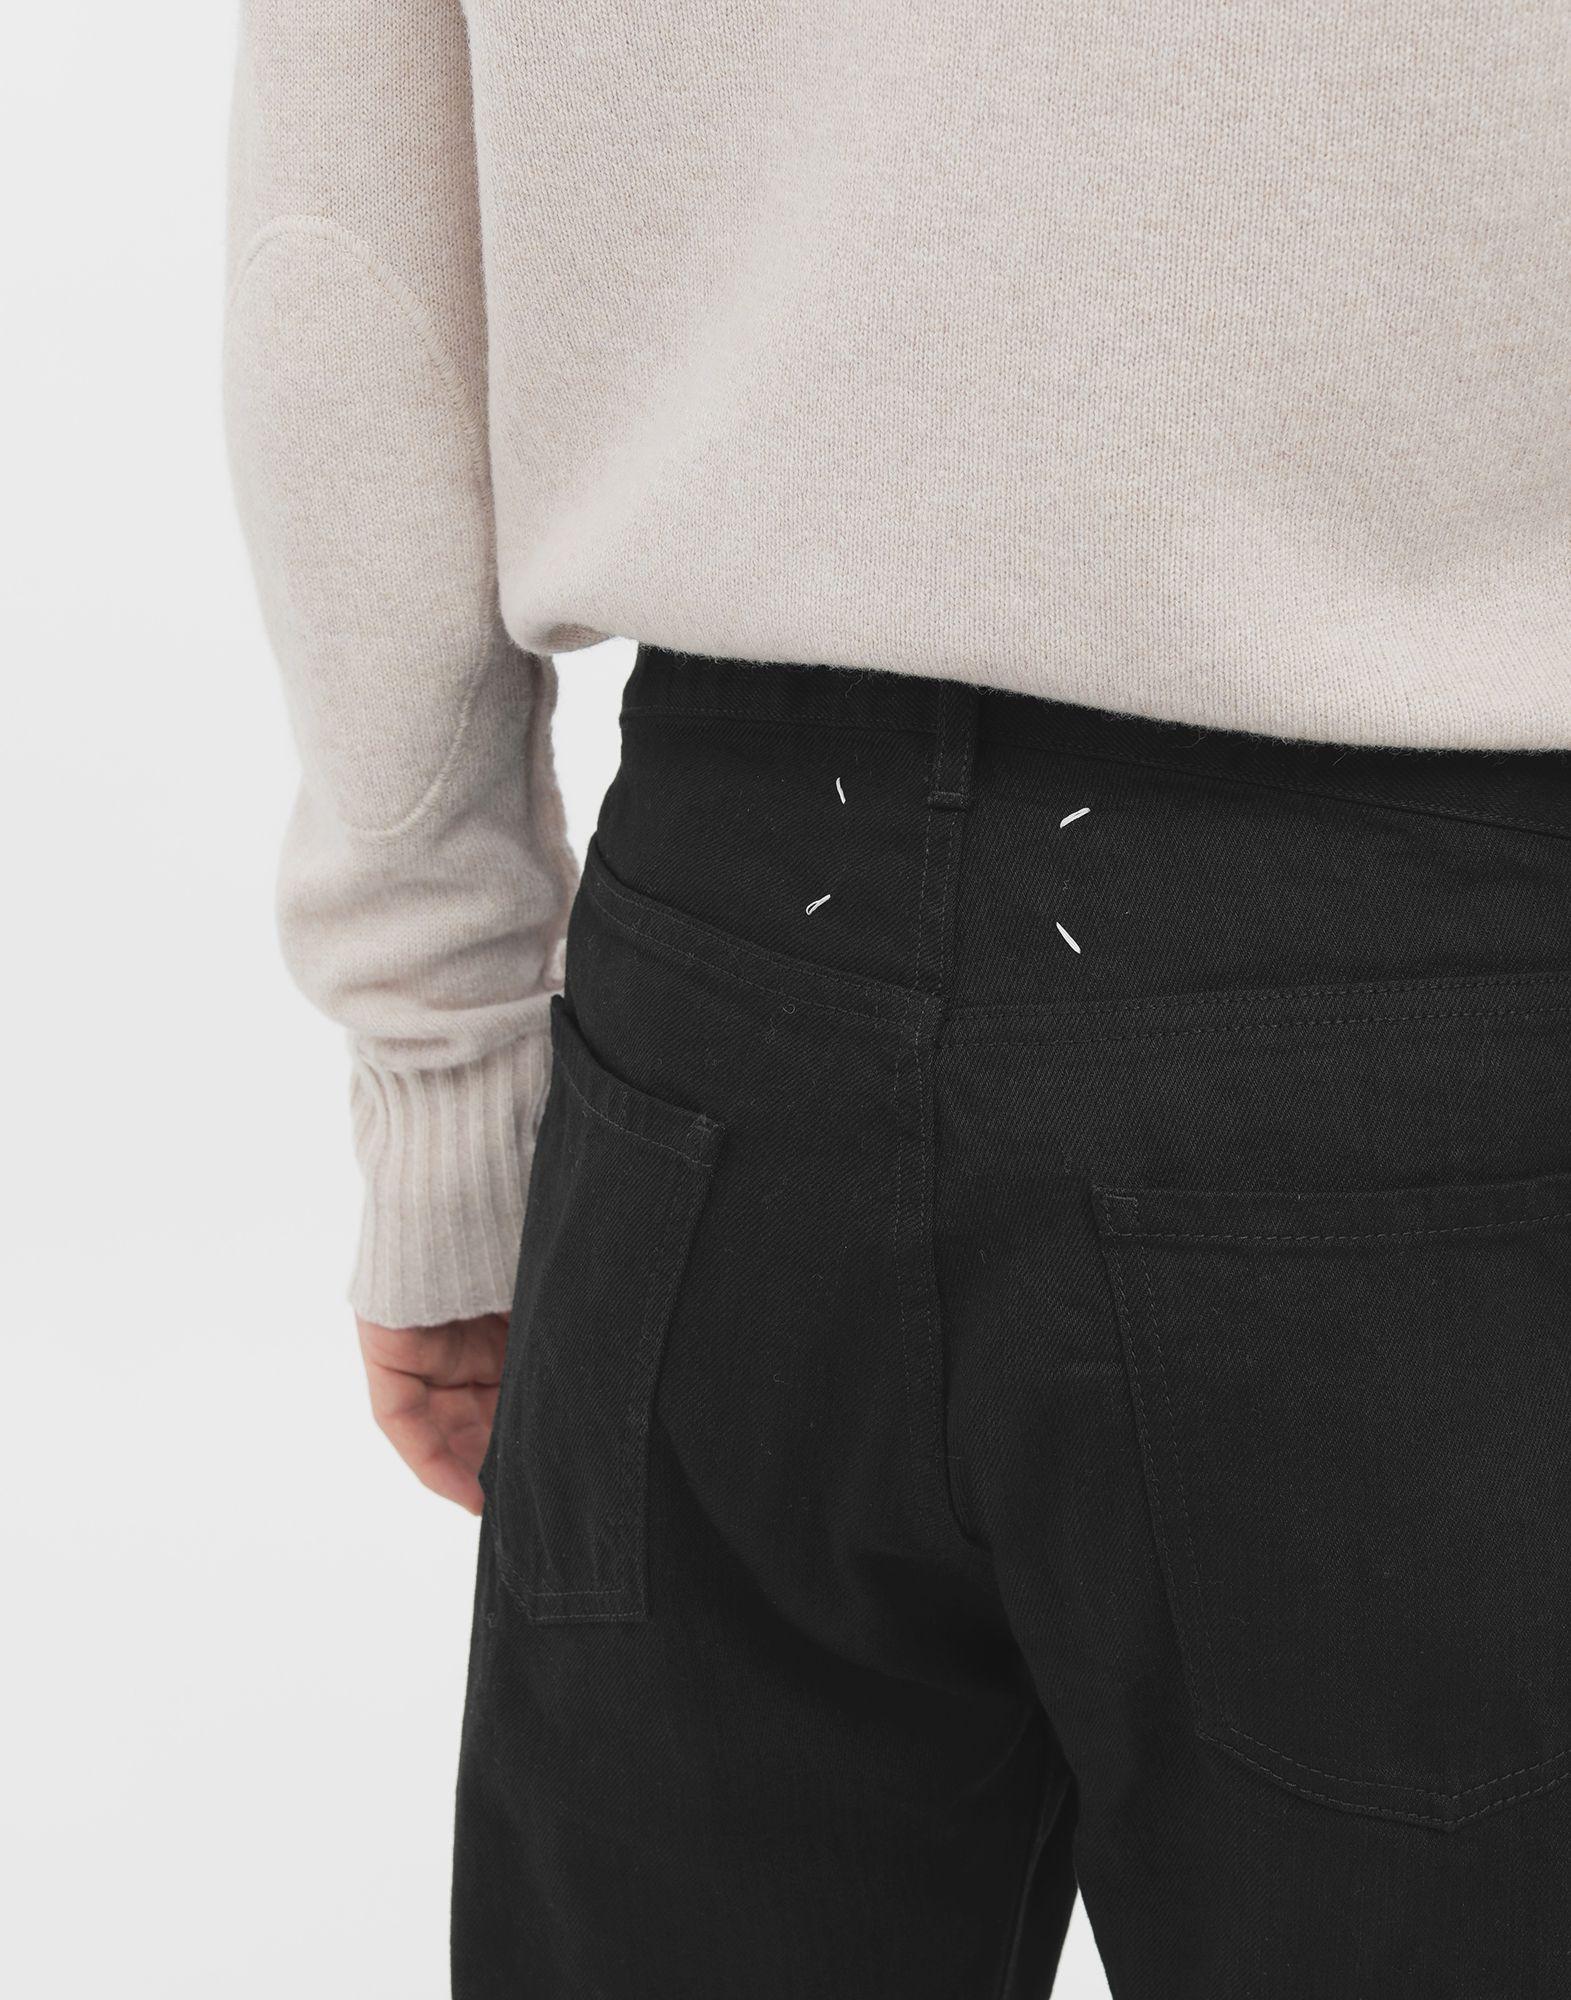 MAISON MARGIELA Джинсы в технике Décortiqué Джинсовые брюки Для Мужчин a